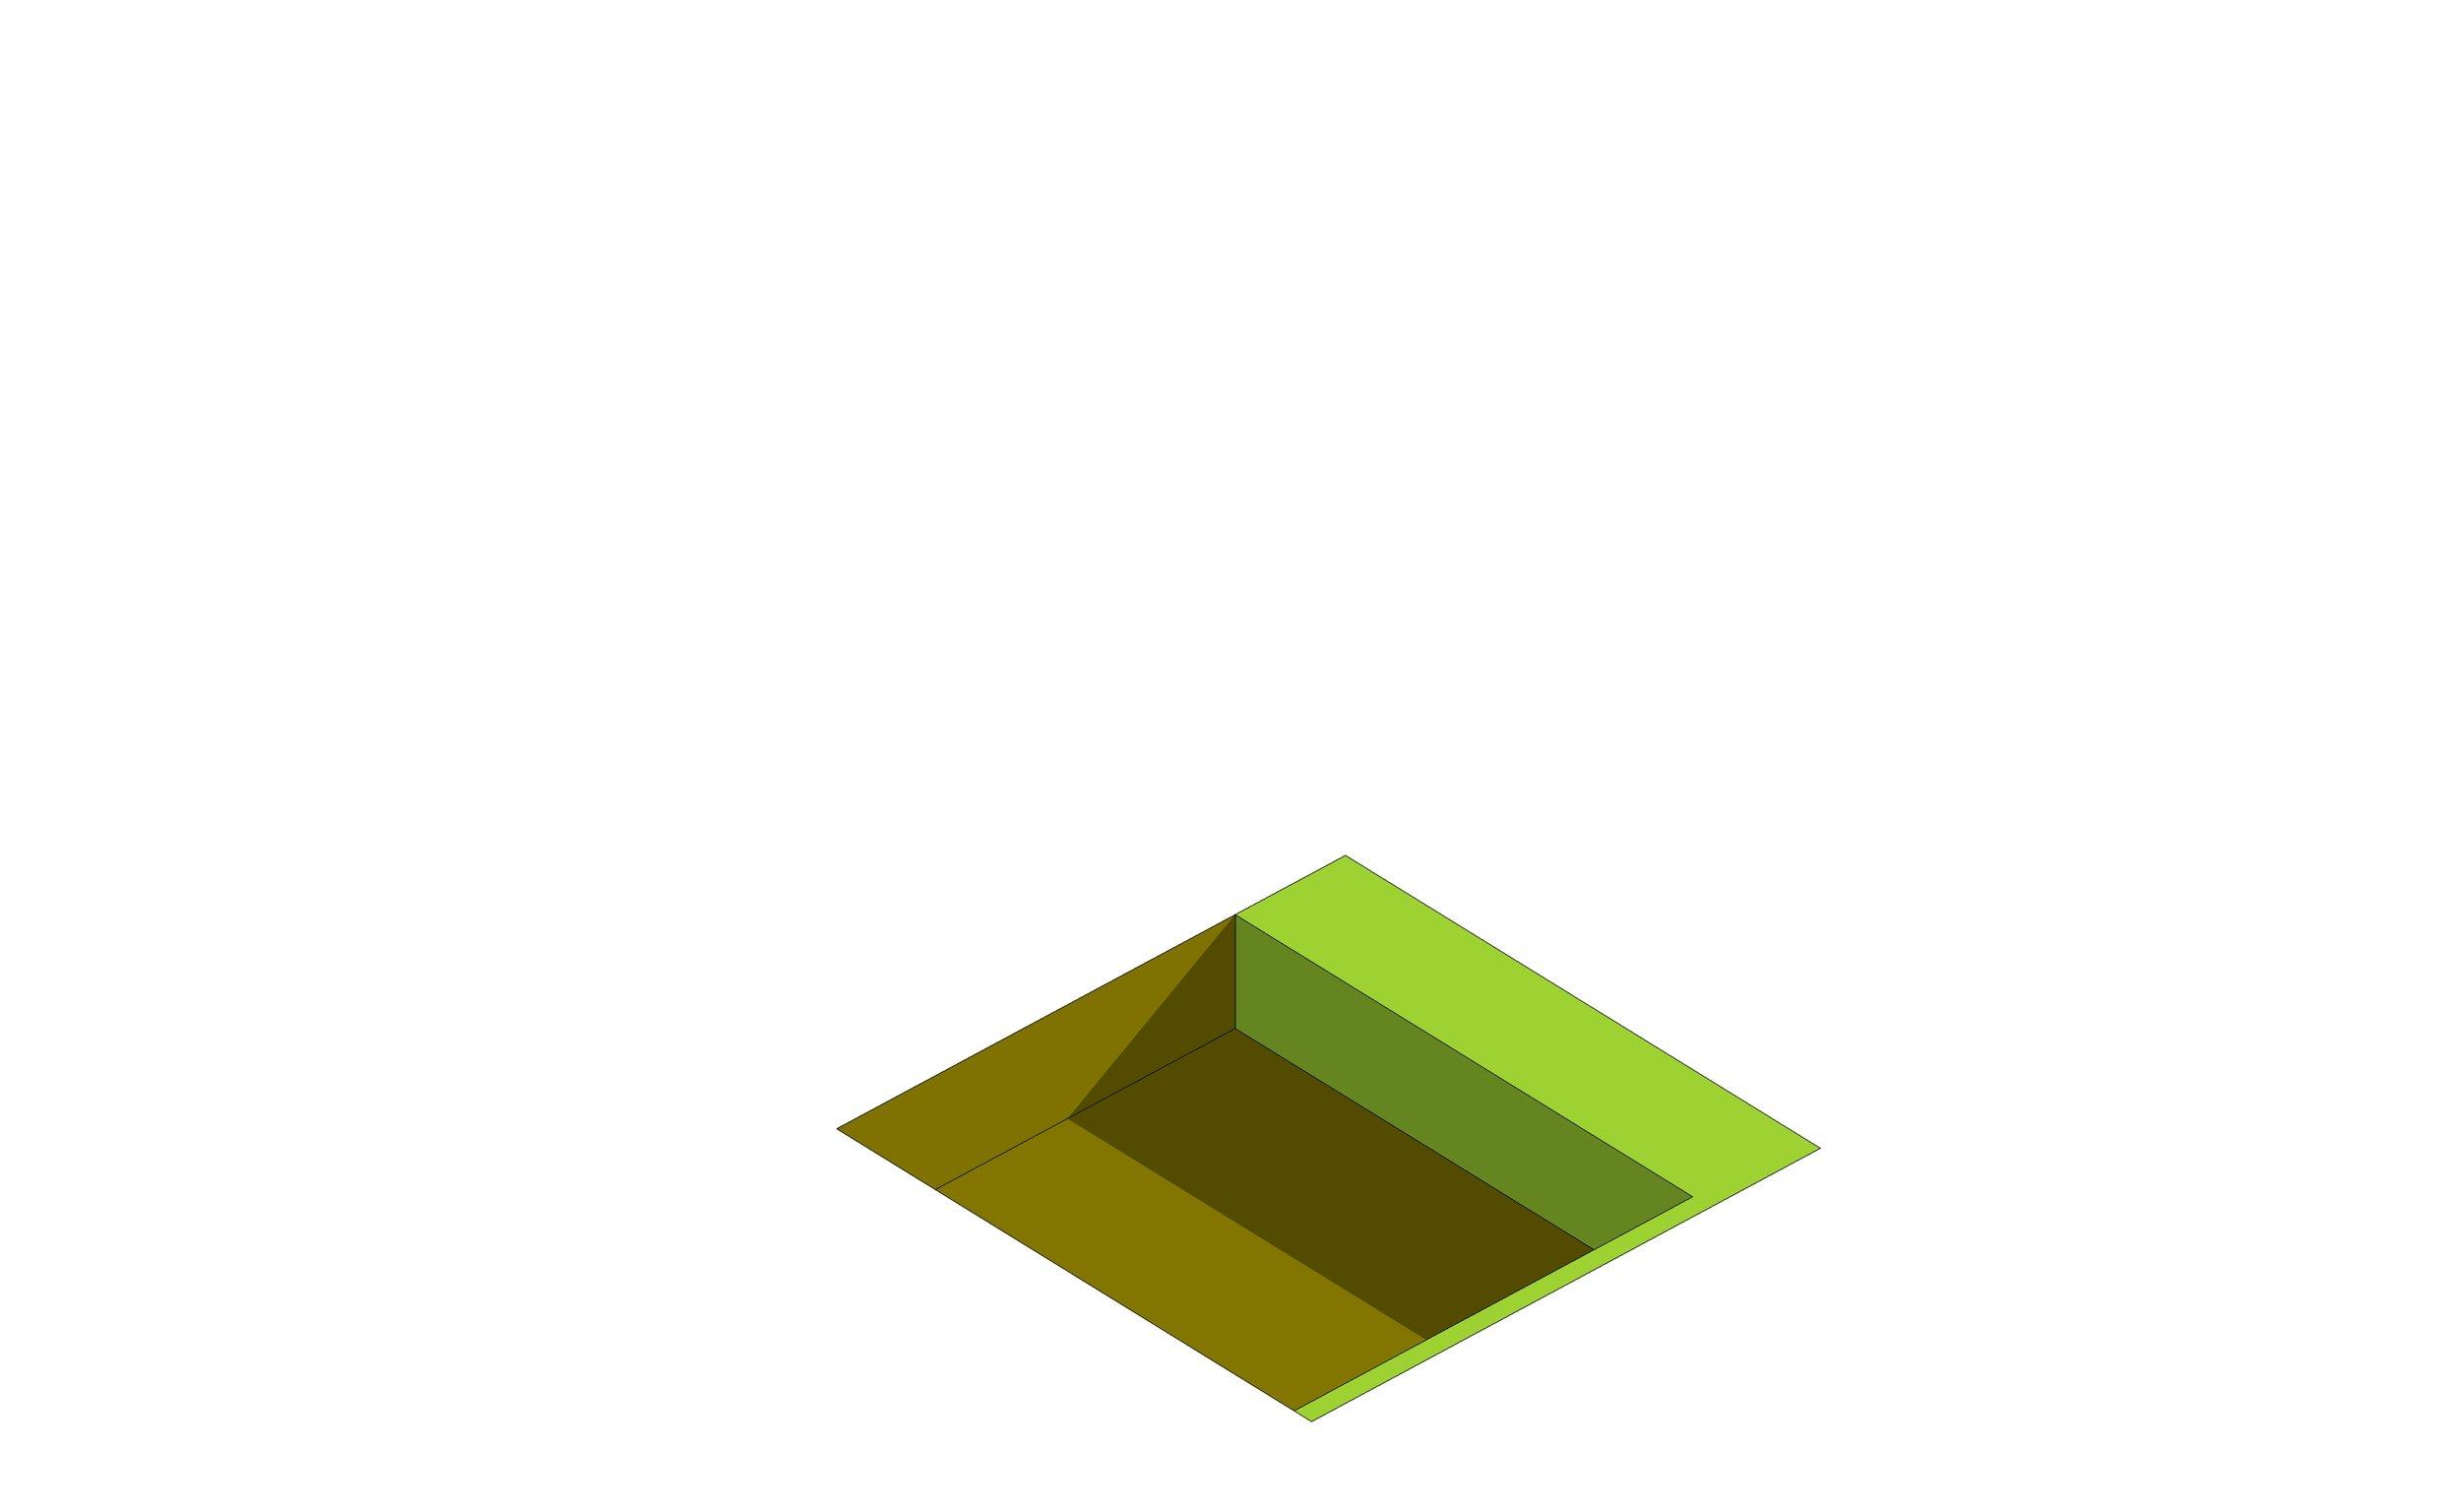 DIAGRAMA_02.jpg